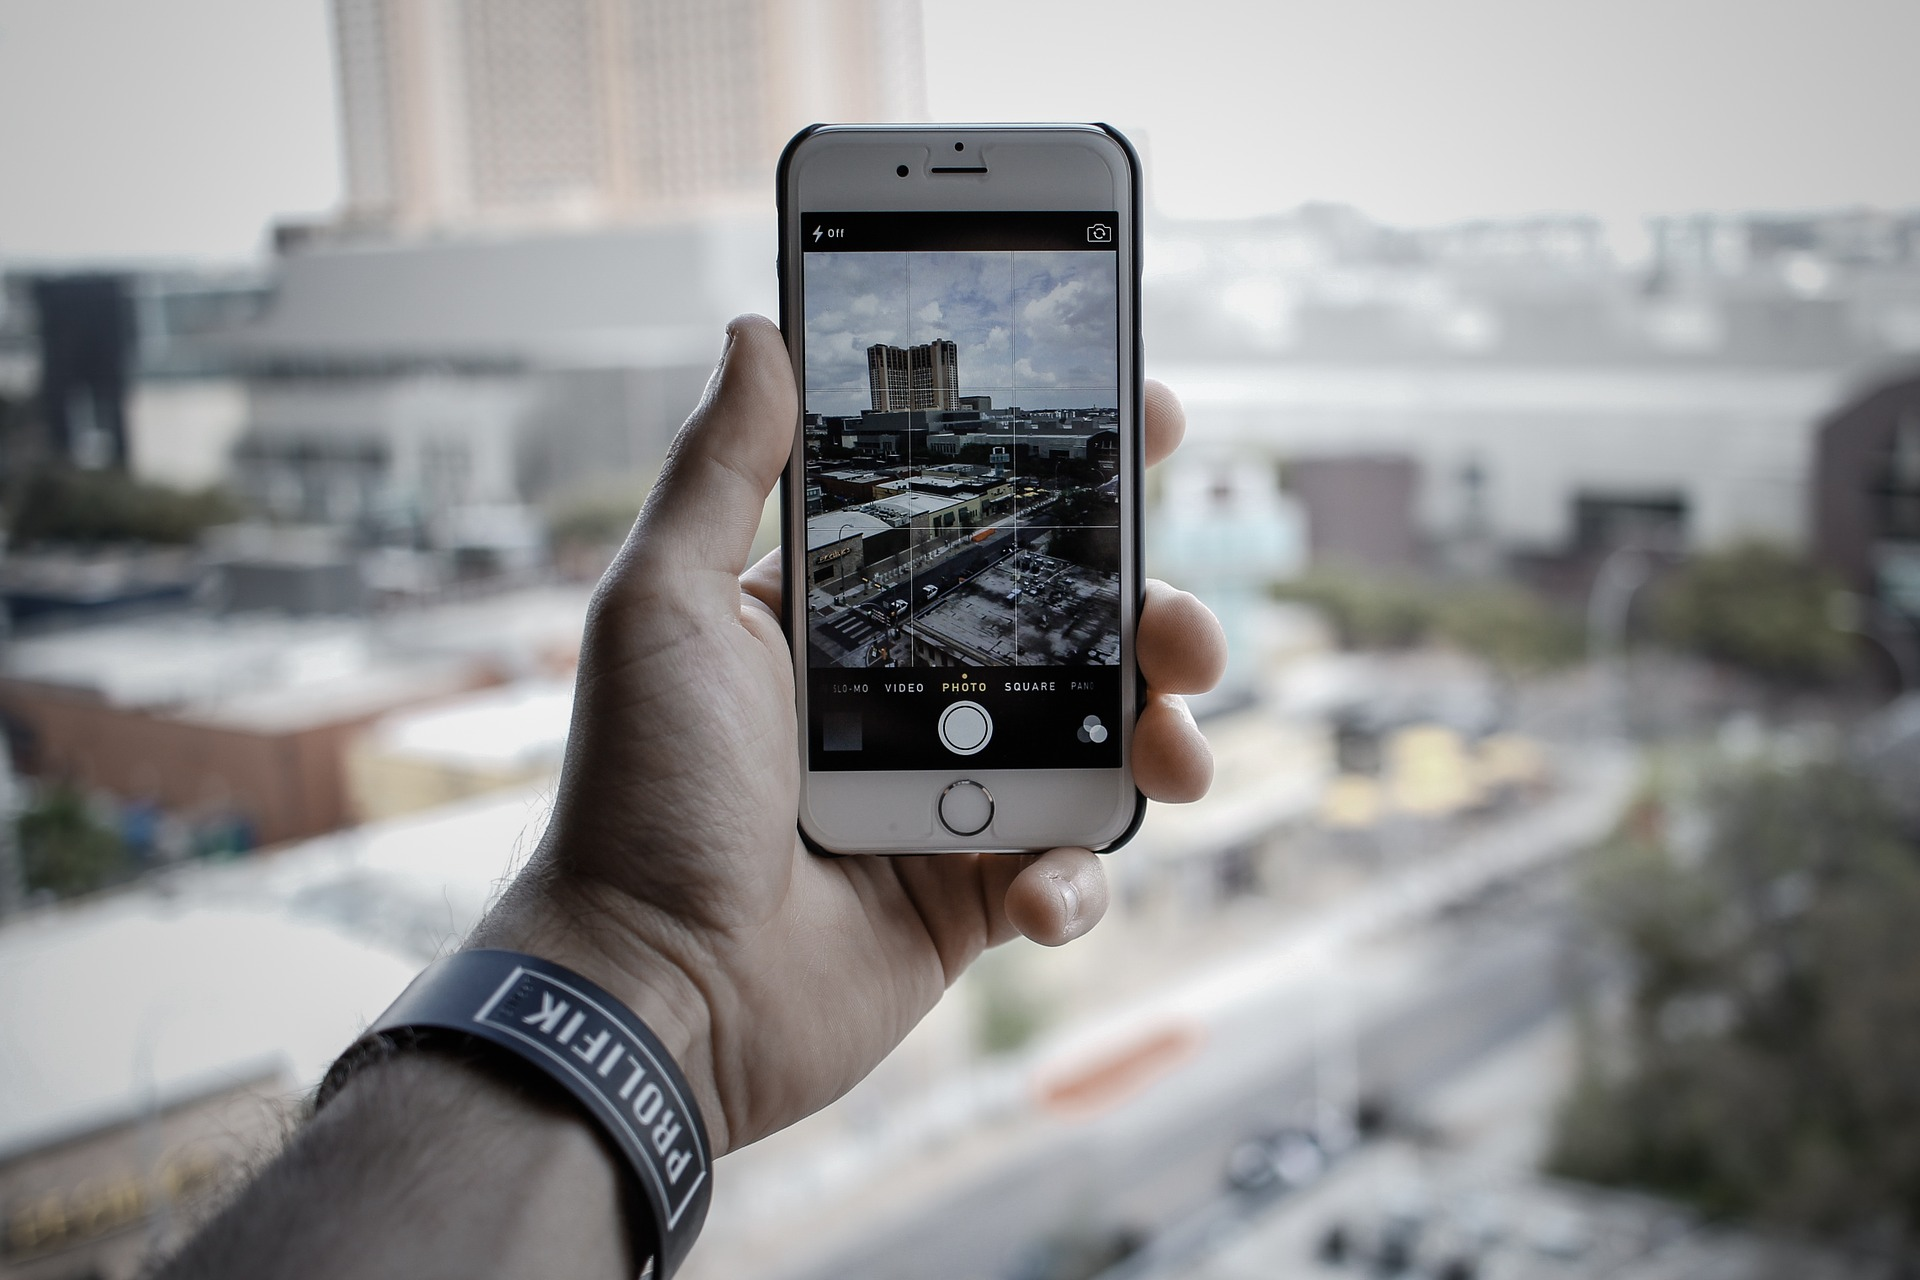 как фотографировать на айфон если нет места формы